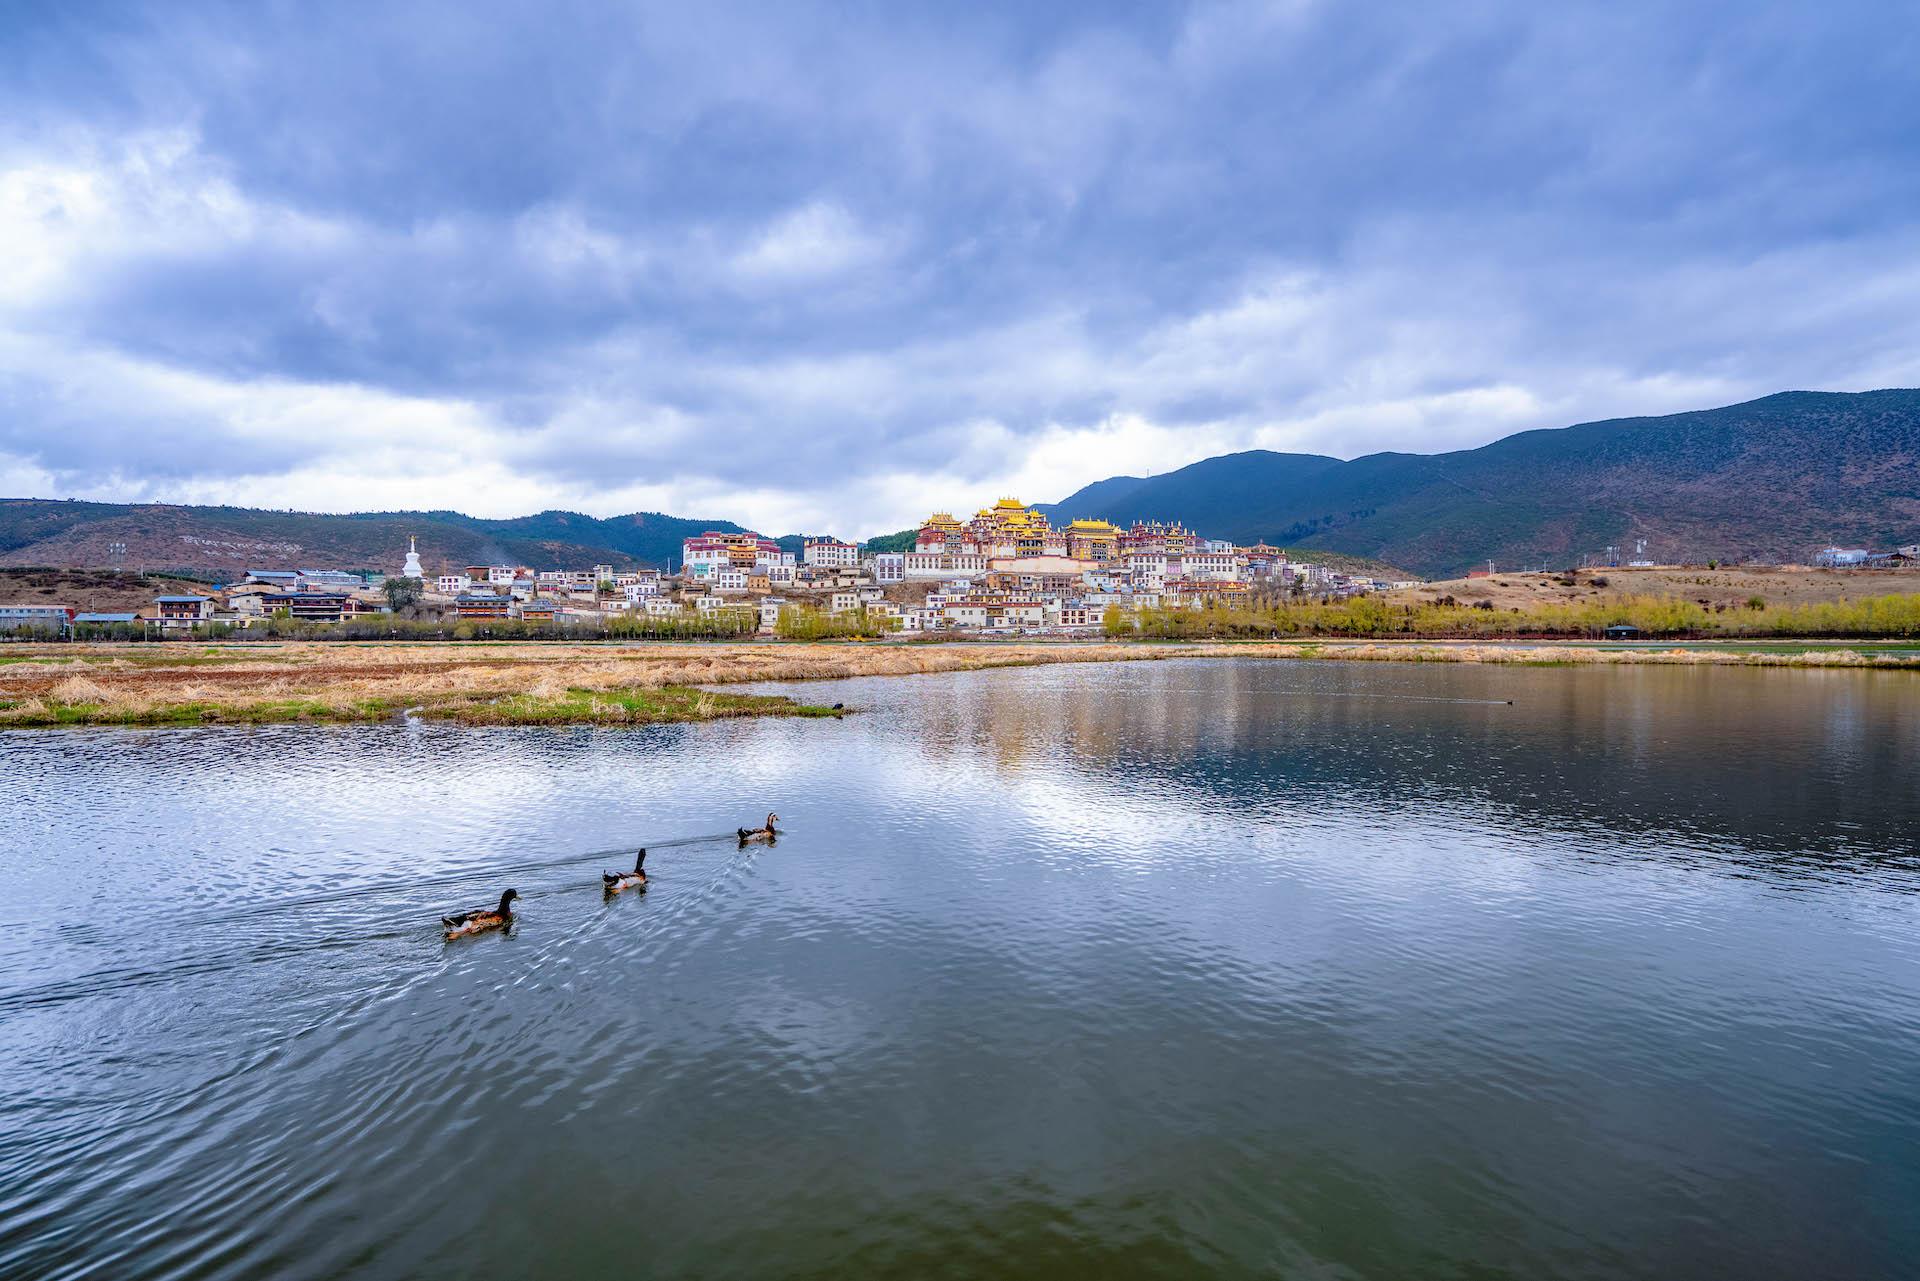 """这座高原寺院是云南最大藏传佛寺,庄严壮美,?#24576;啤?#23567;布达拉宫"""""""